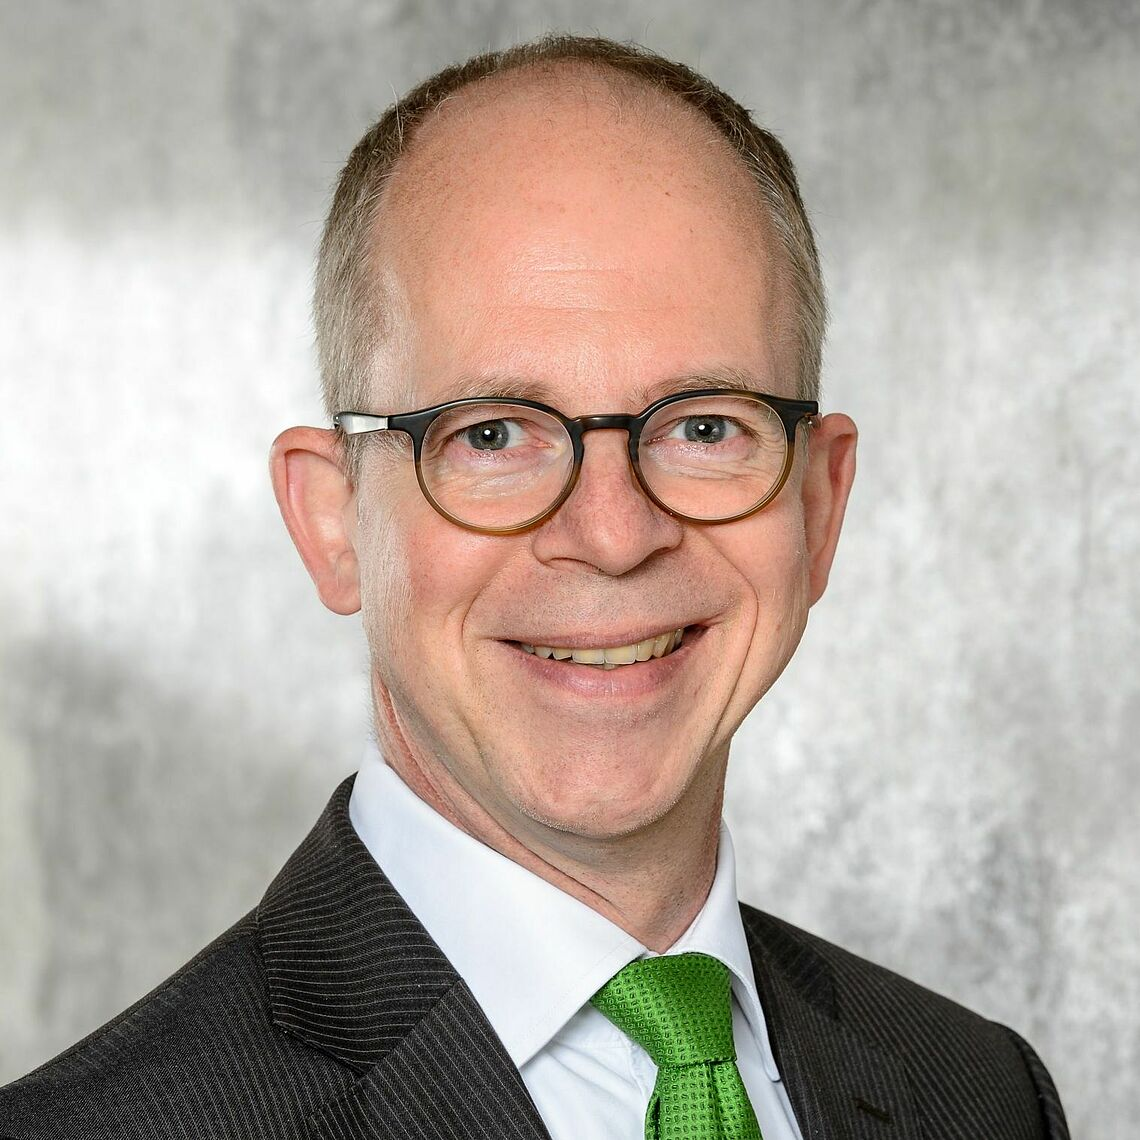 Photo Prof. Dr. Jörn Axel Kämmerer